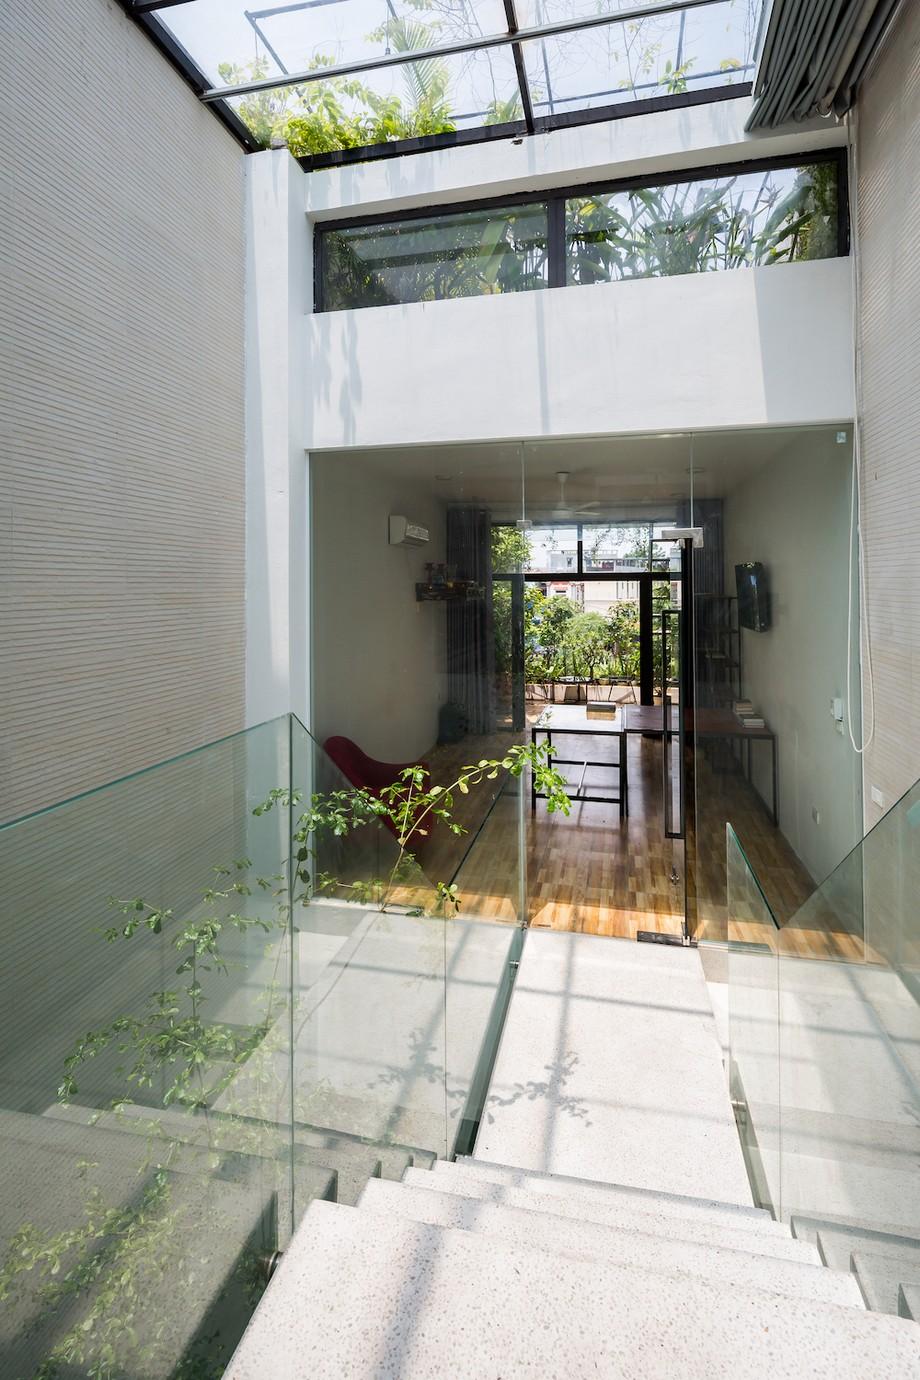 Thiết kế nhà ống 3 tầng 4x20m tràn ngập cây xanh tại Bắc Ninh